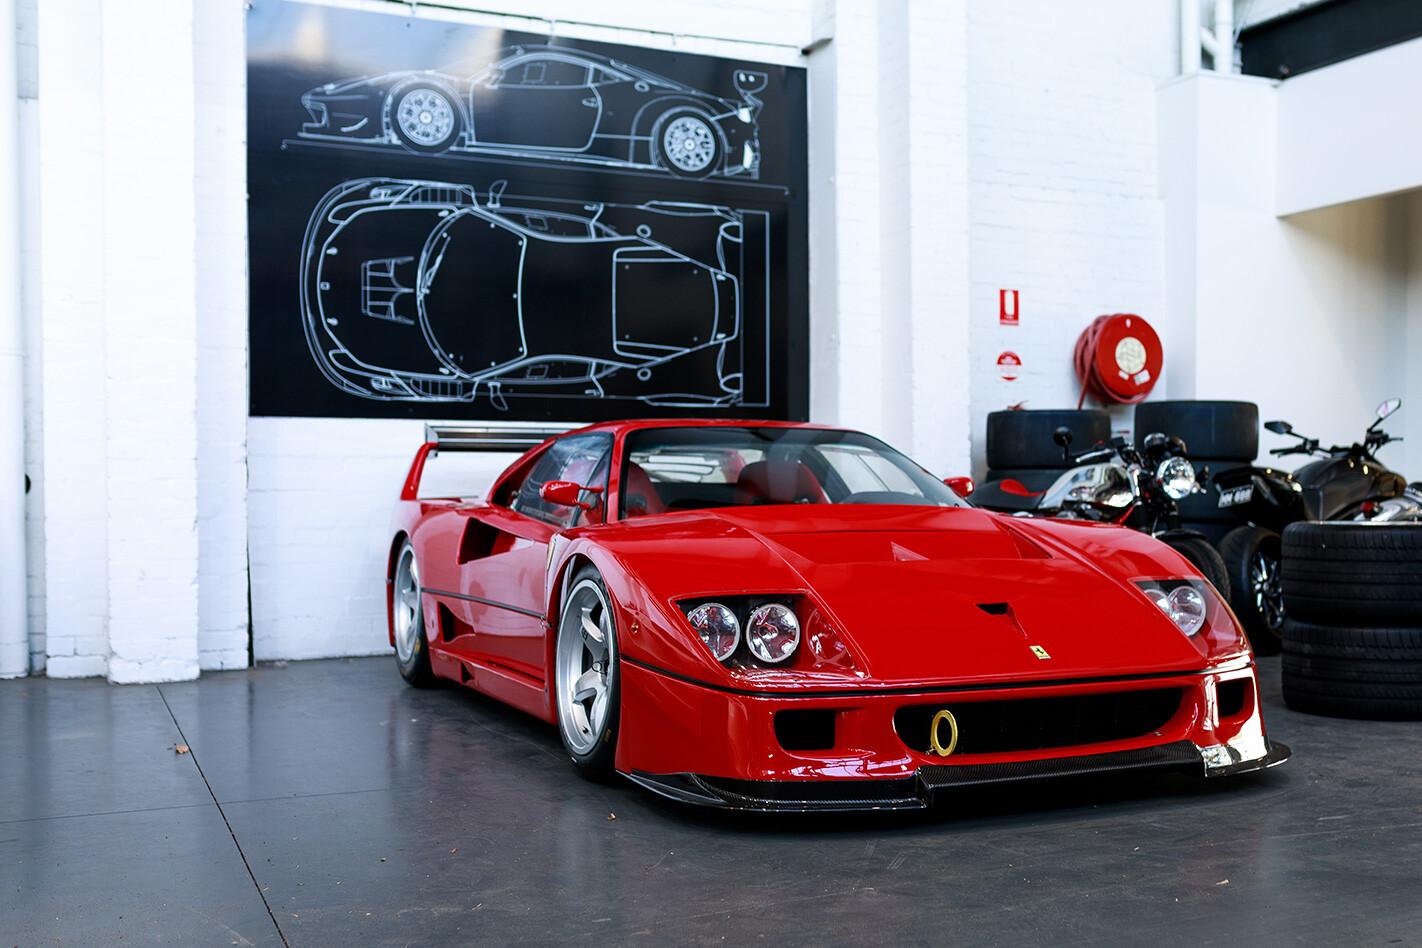 Ferrari F 40 Lm Jpg